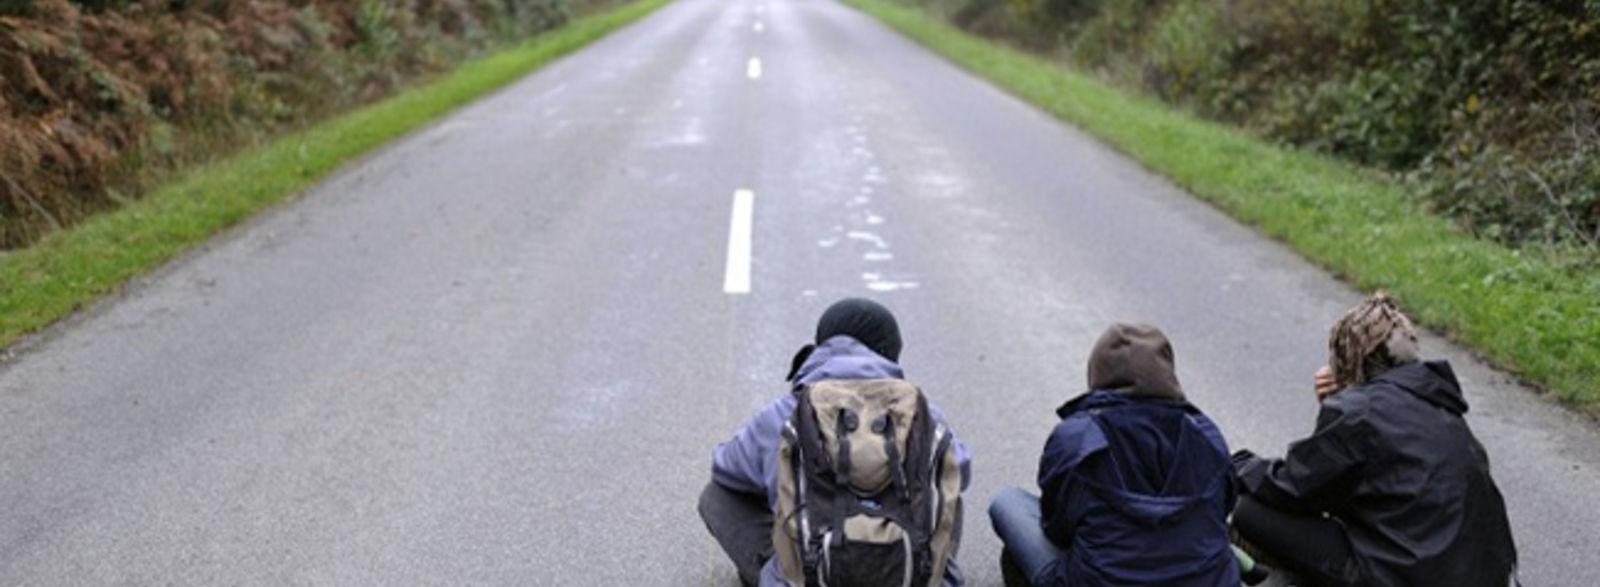 Notre-Dame-des-Landes: le silence du mouvement social français